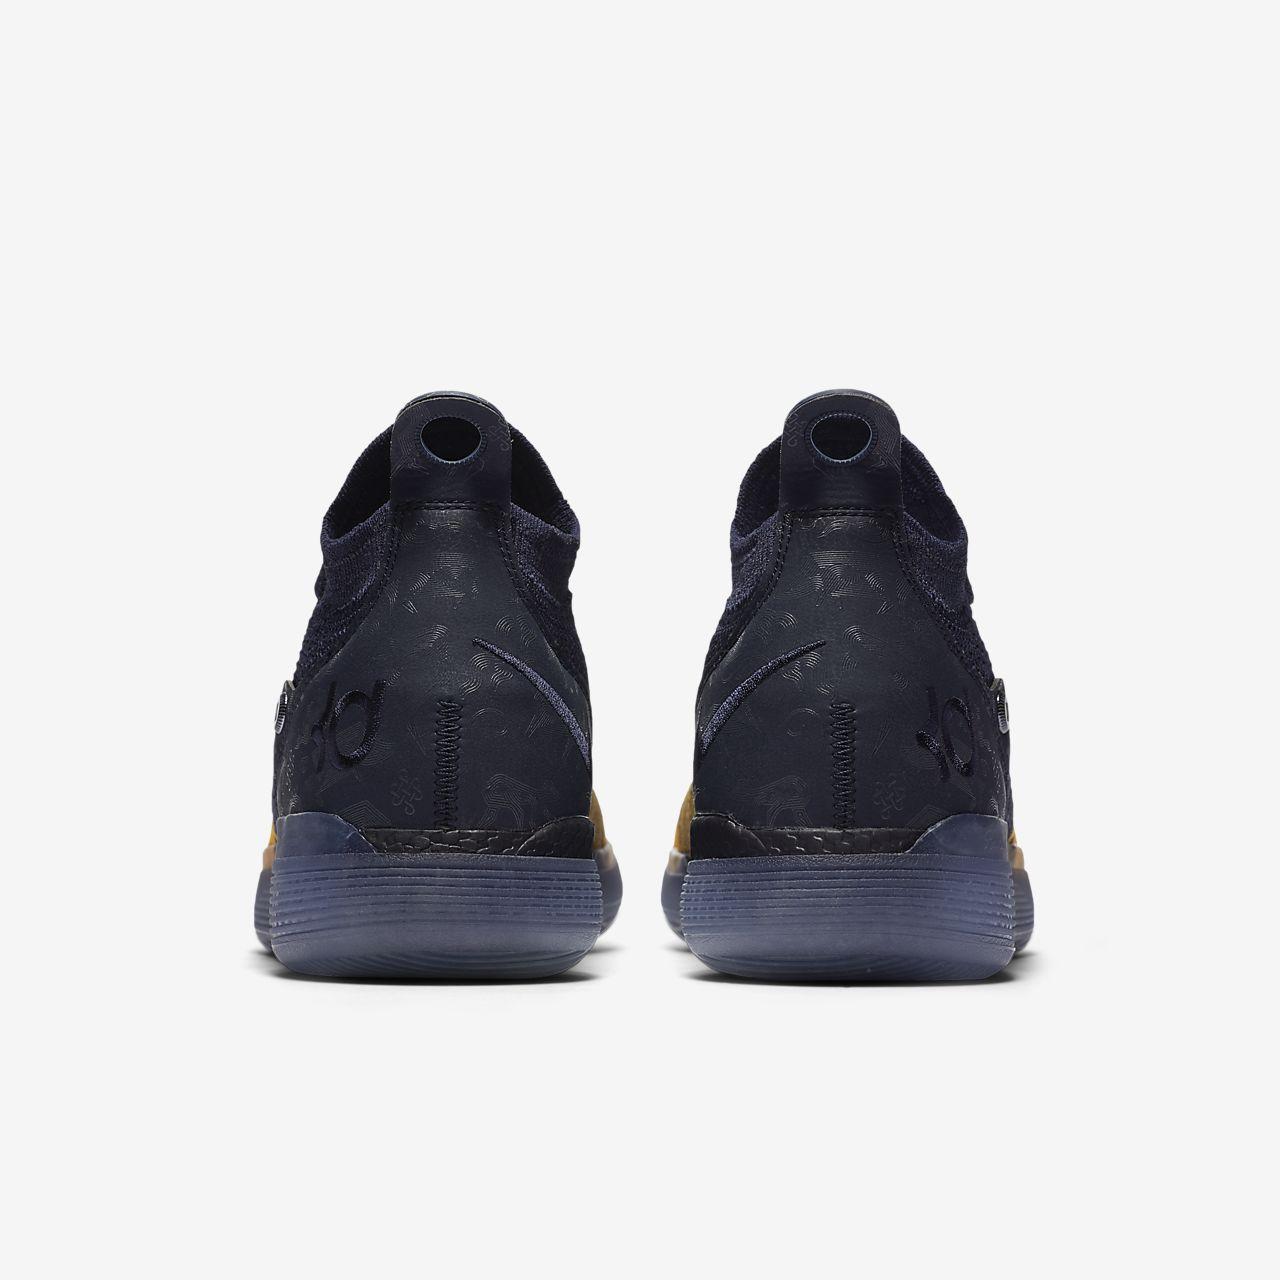 d41279a565740 Nike Zoom KD11 Basketball Shoe. Nike.com CA